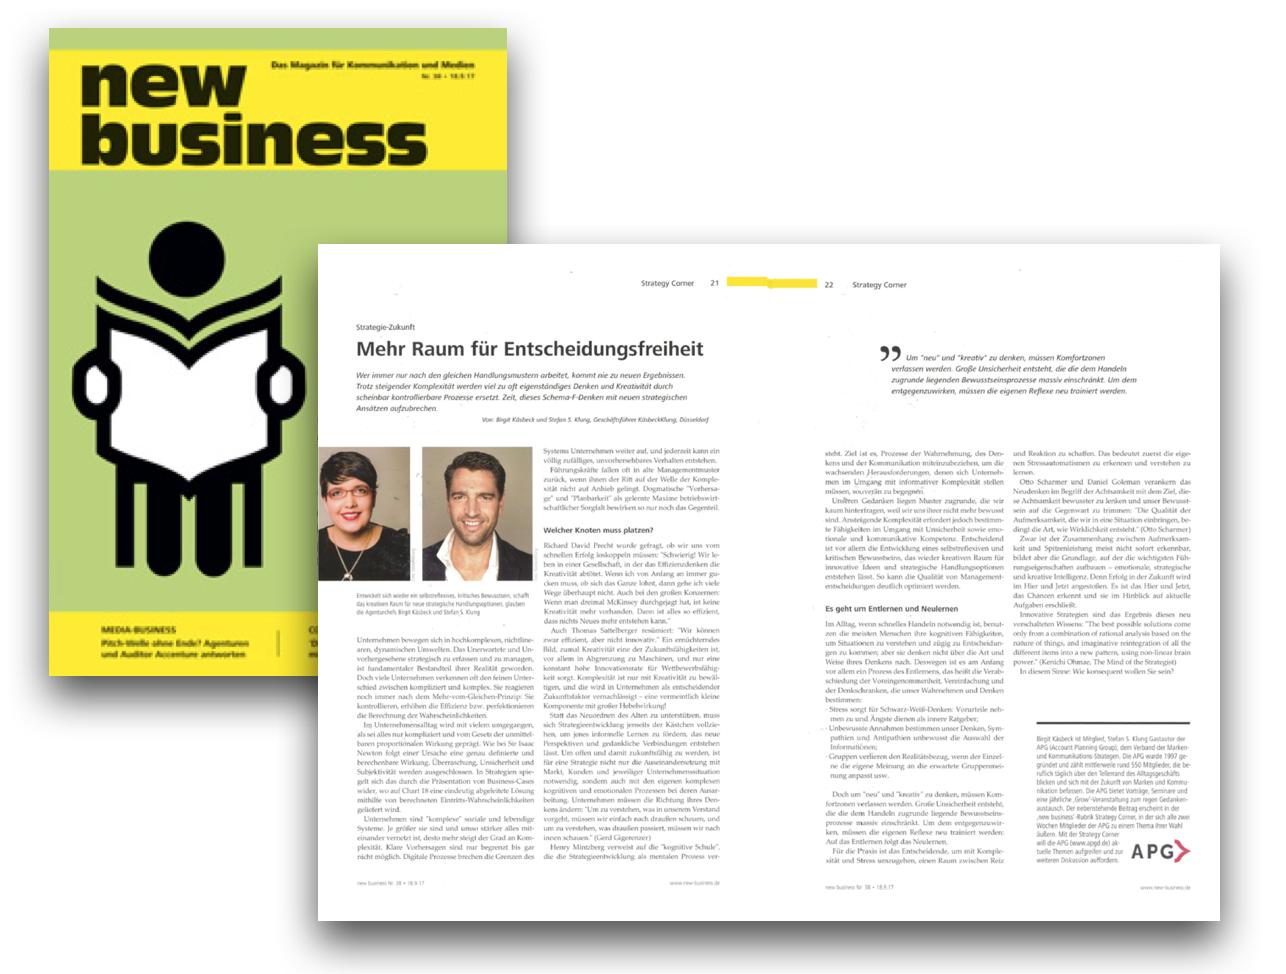 Erschienen: new business Ausgabe 38/2017